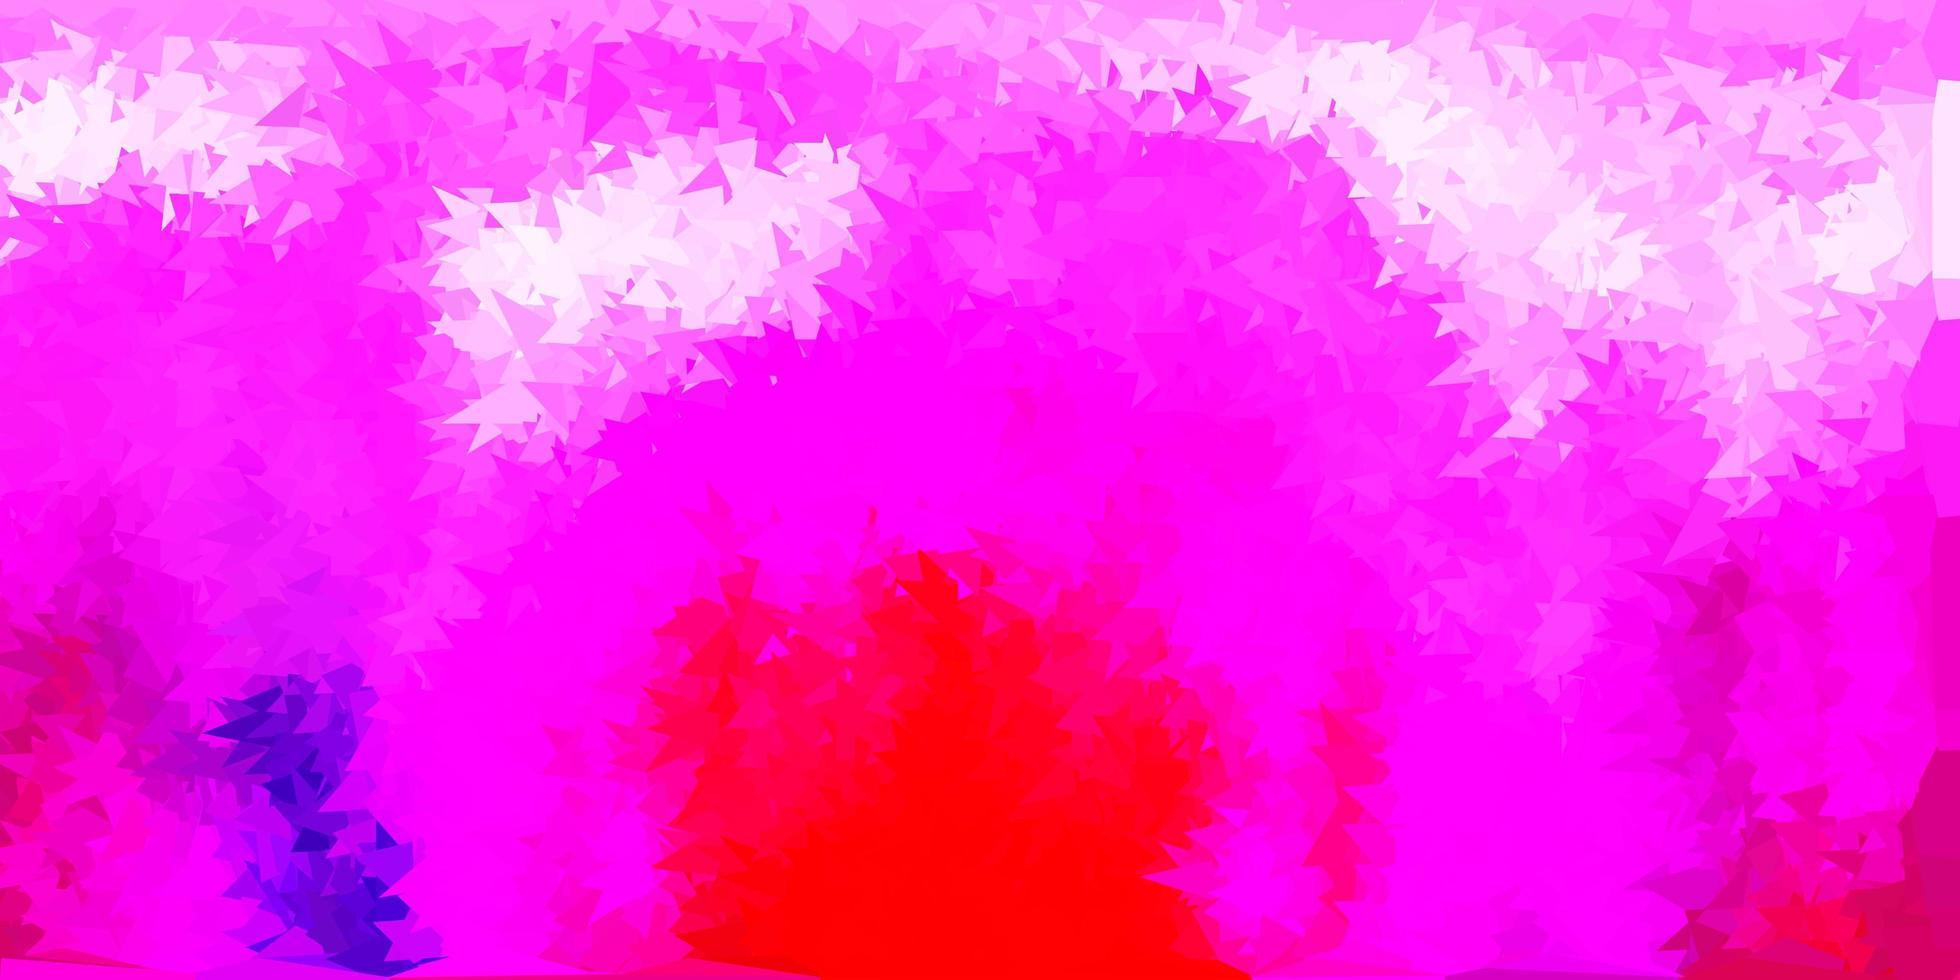 disegno poligonale geometrico di vettore viola chiaro, rosa.